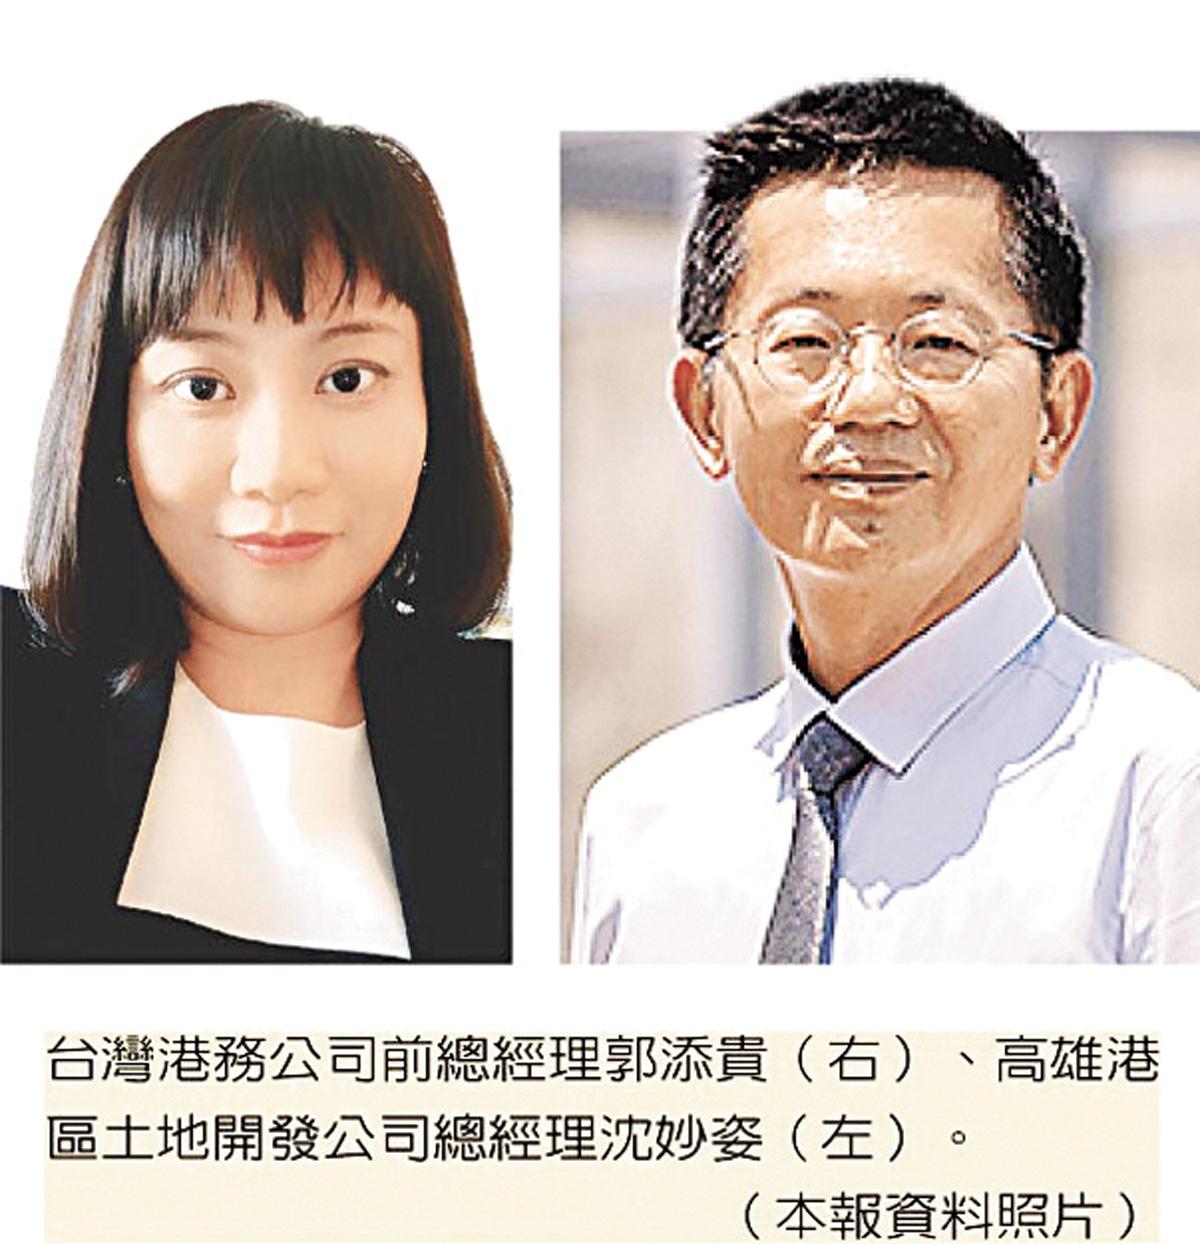 台灣港務公司前總經理郭添貴(右)、高雄港區土地開發公司總經理沈妙姿(左)。網上圖片